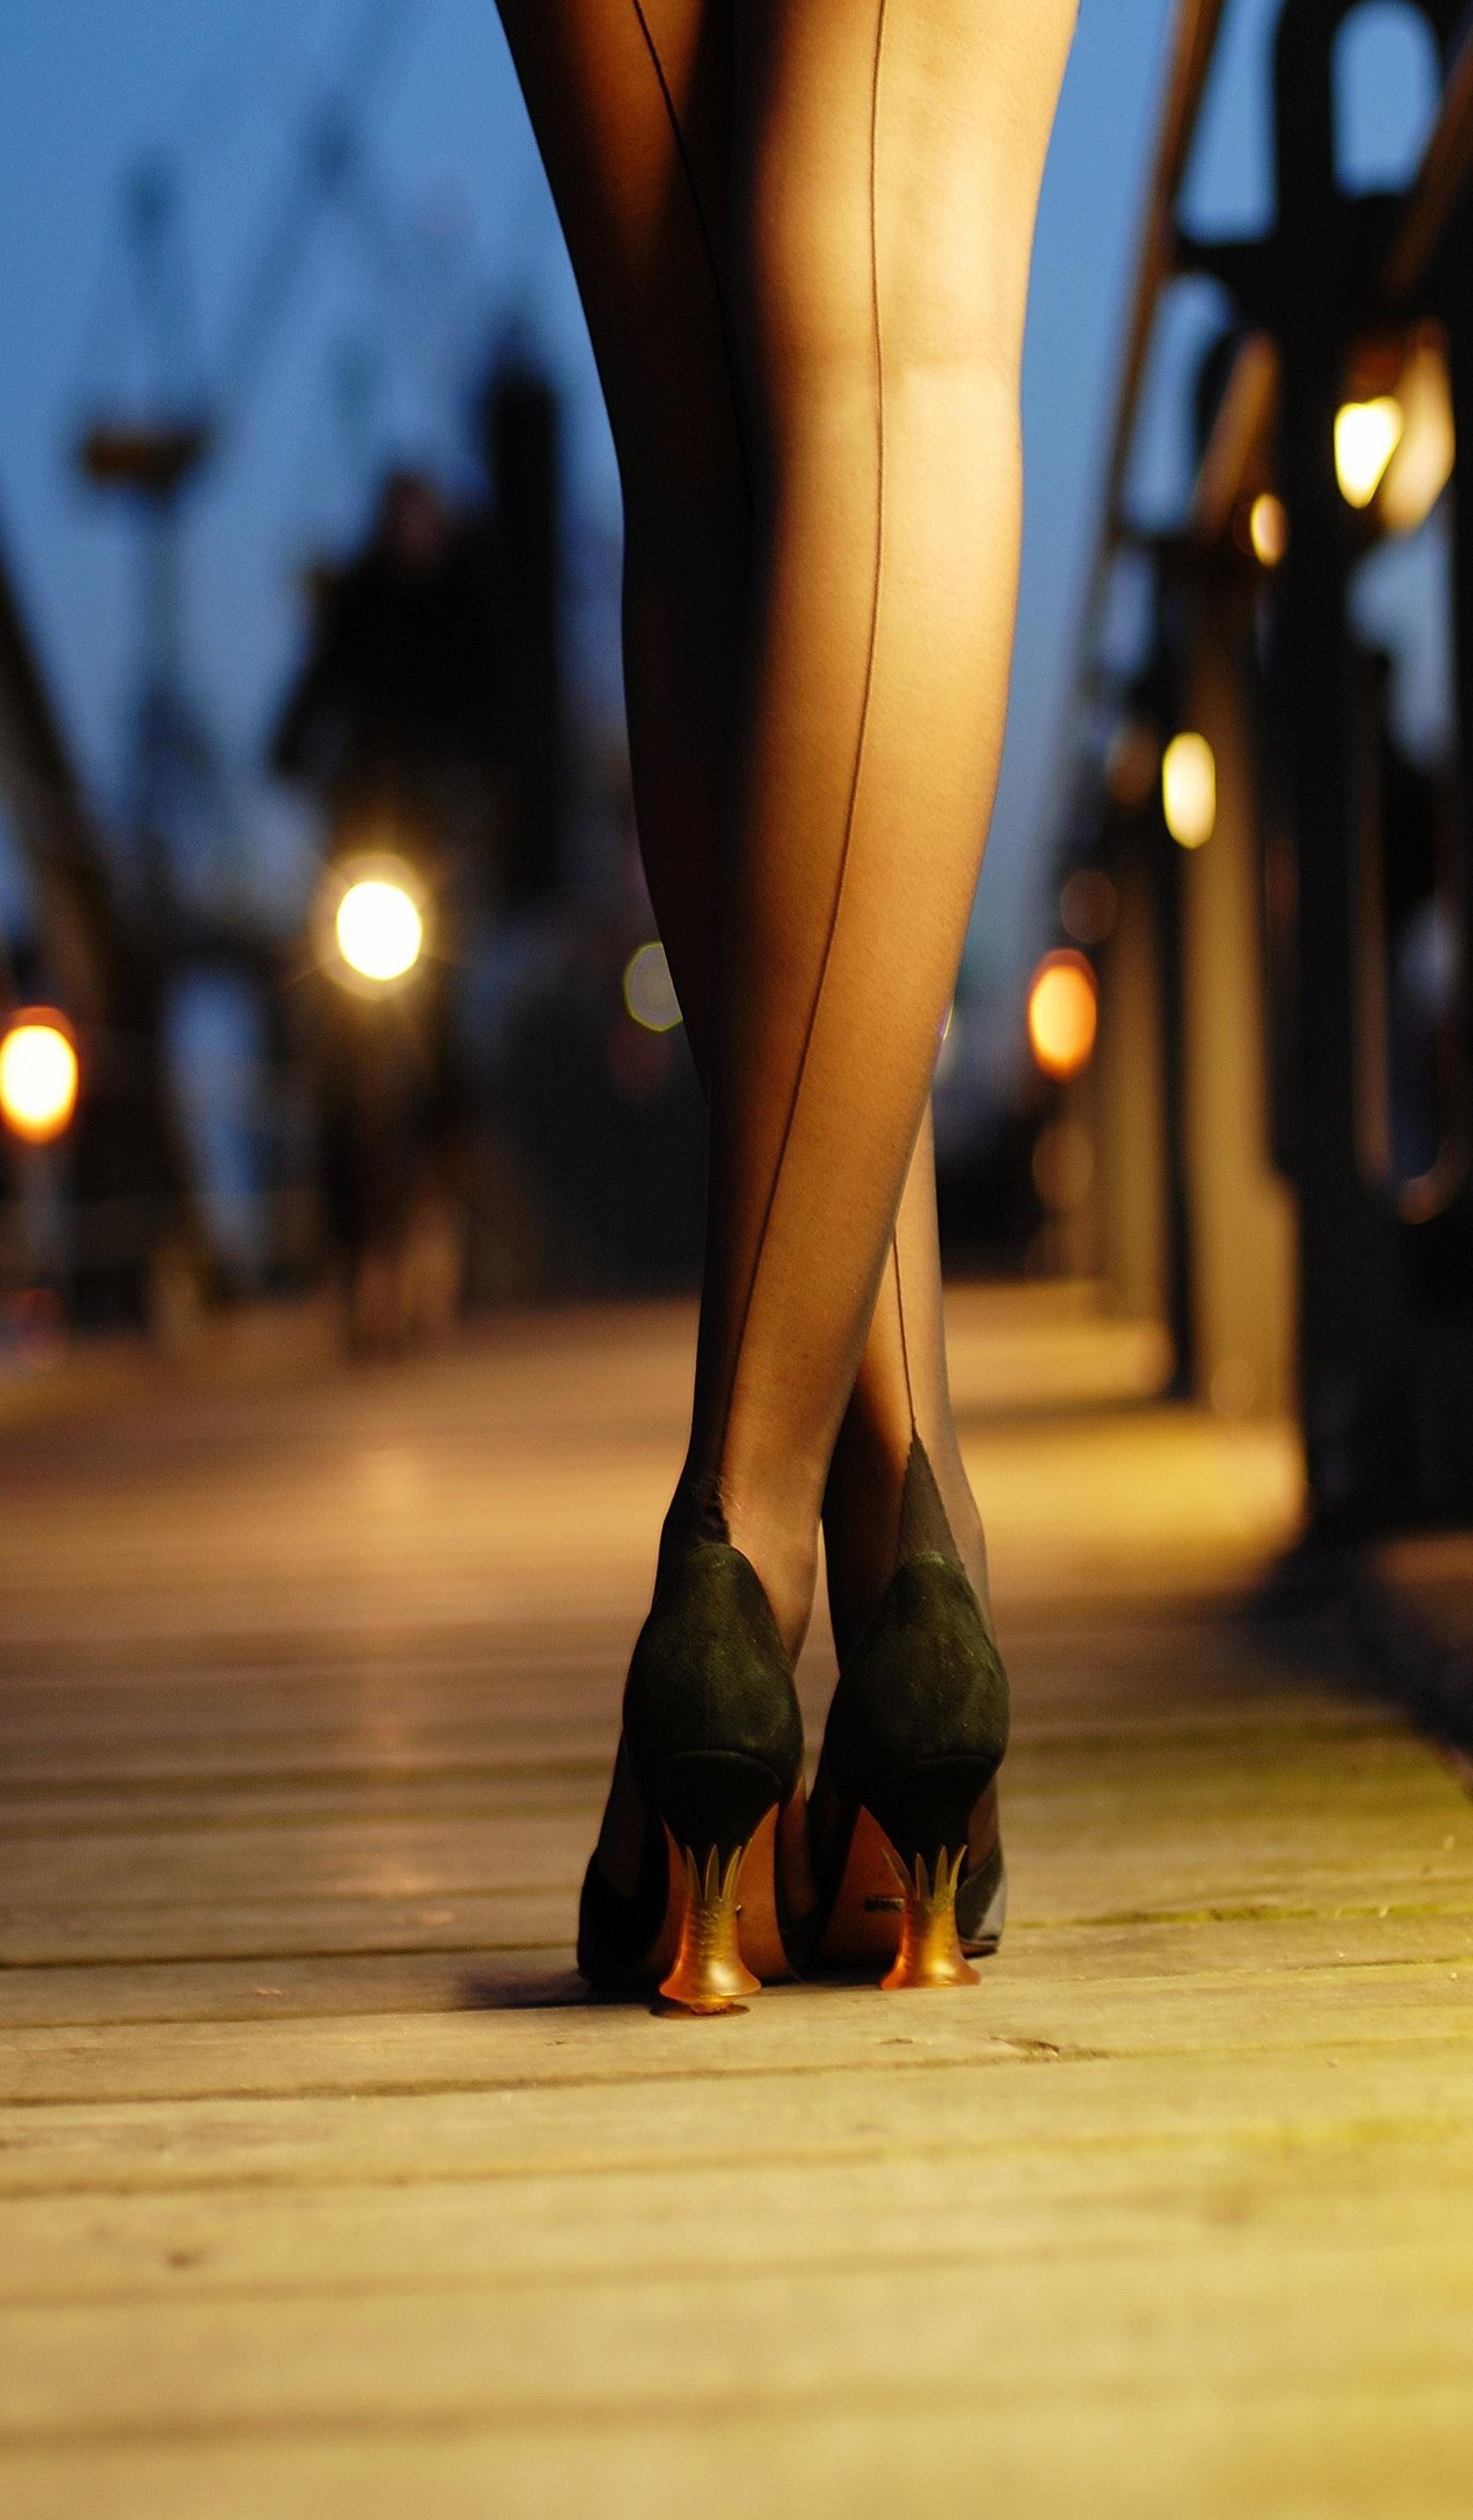 Protectores de Tacones - Heaven on Heels Styling